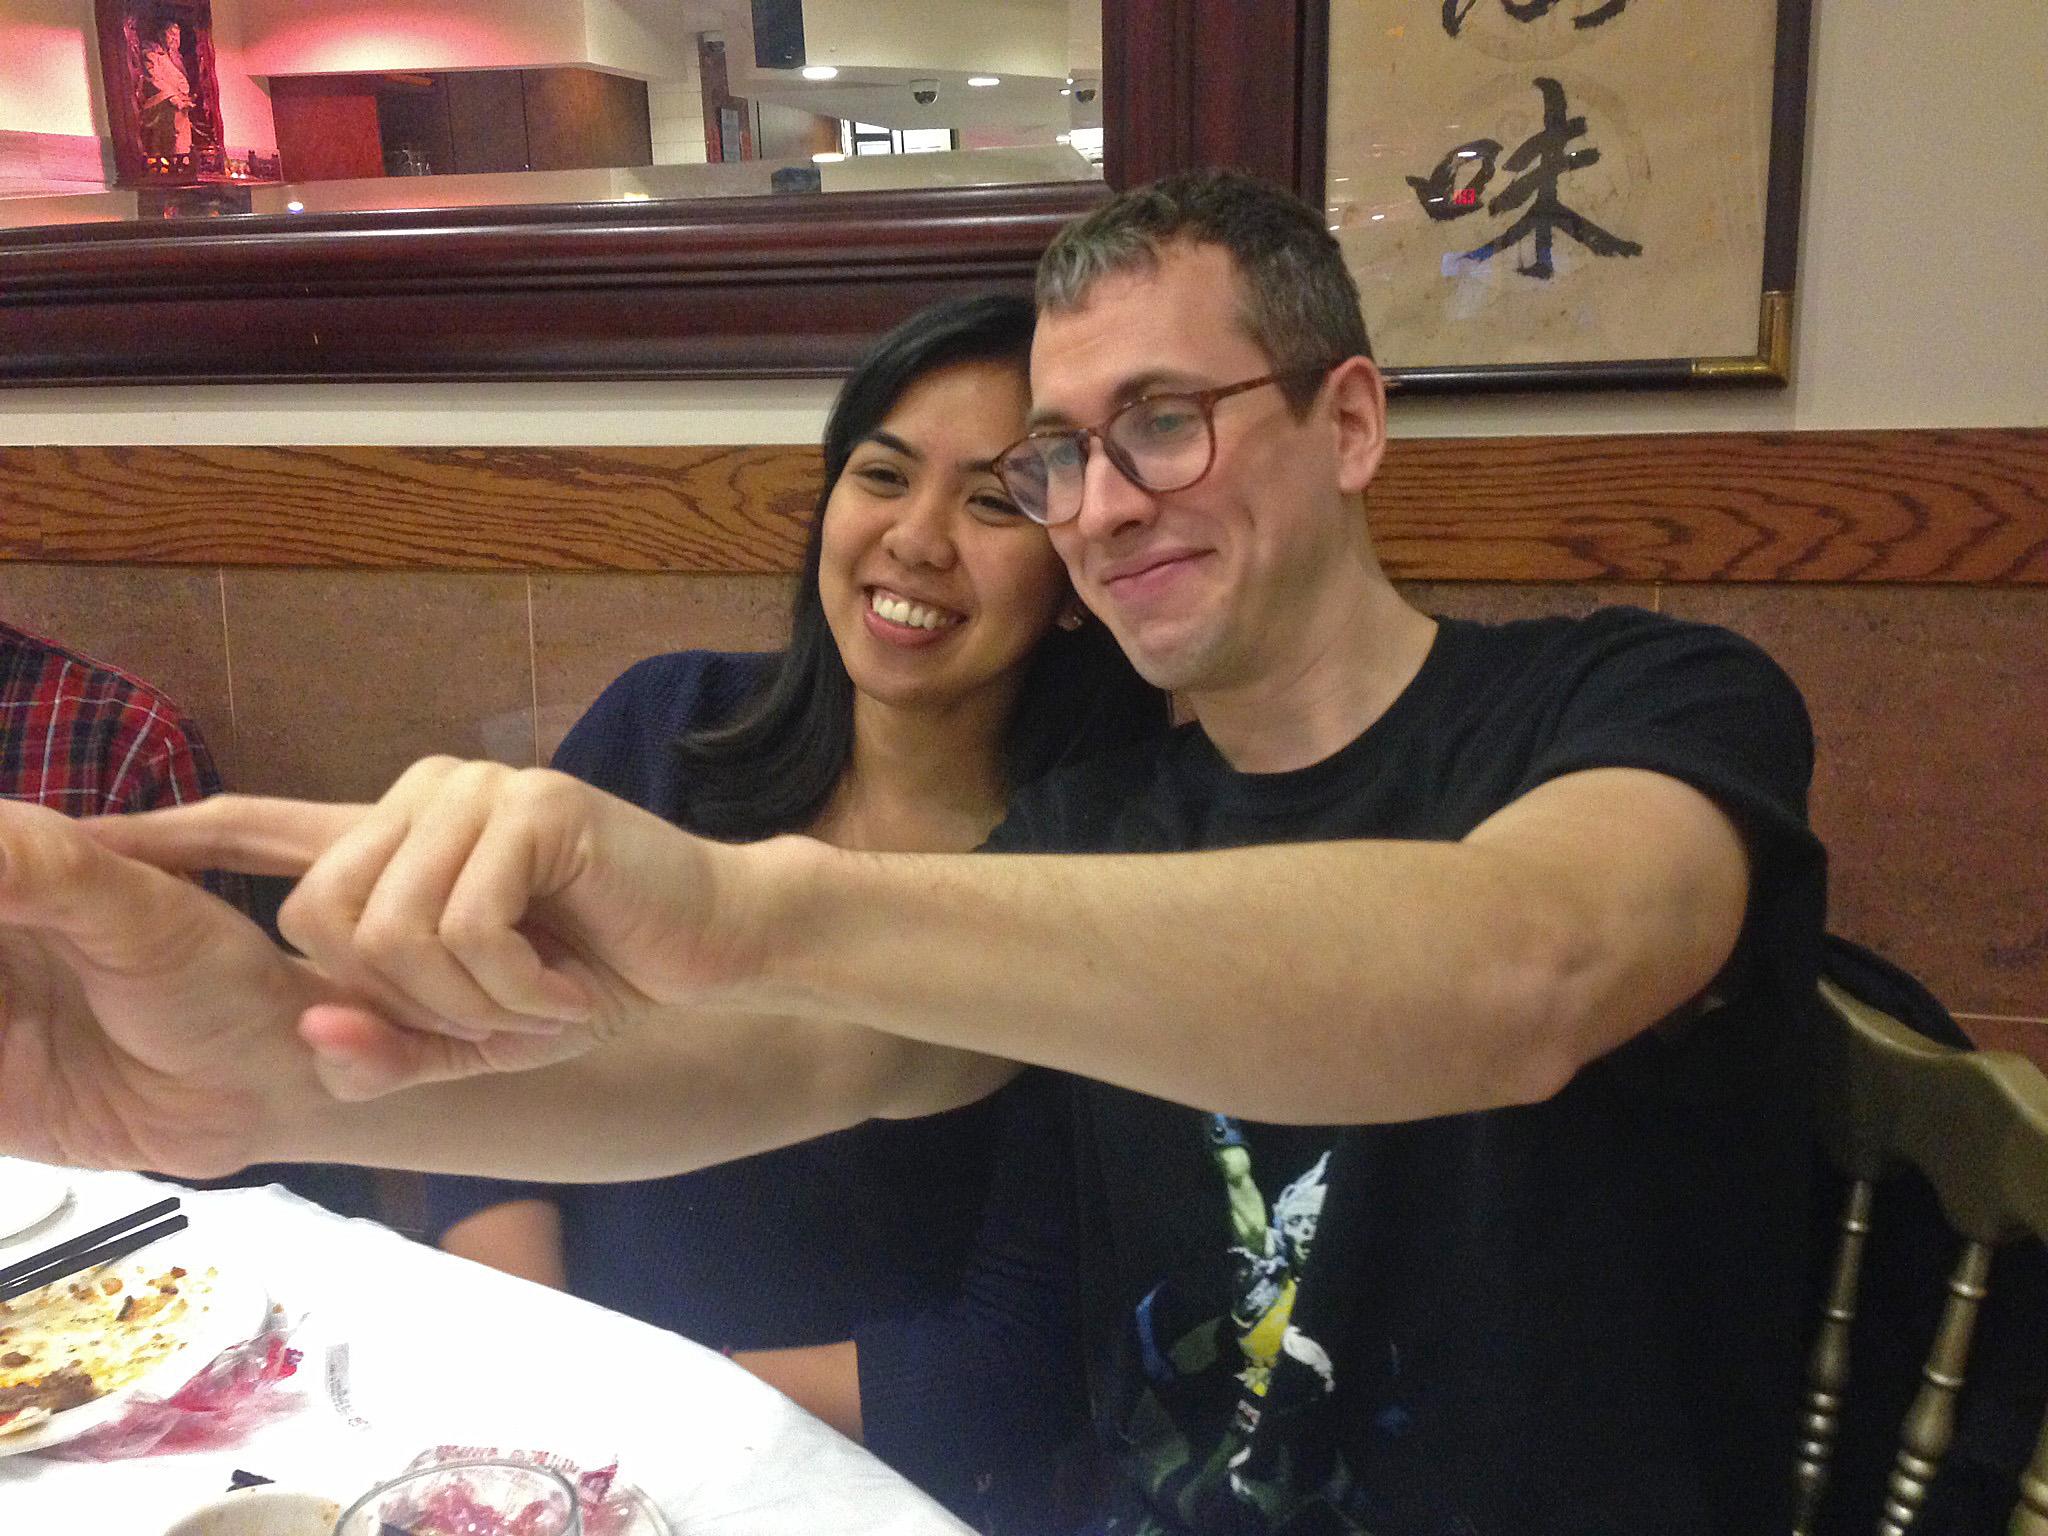 We love selfies!